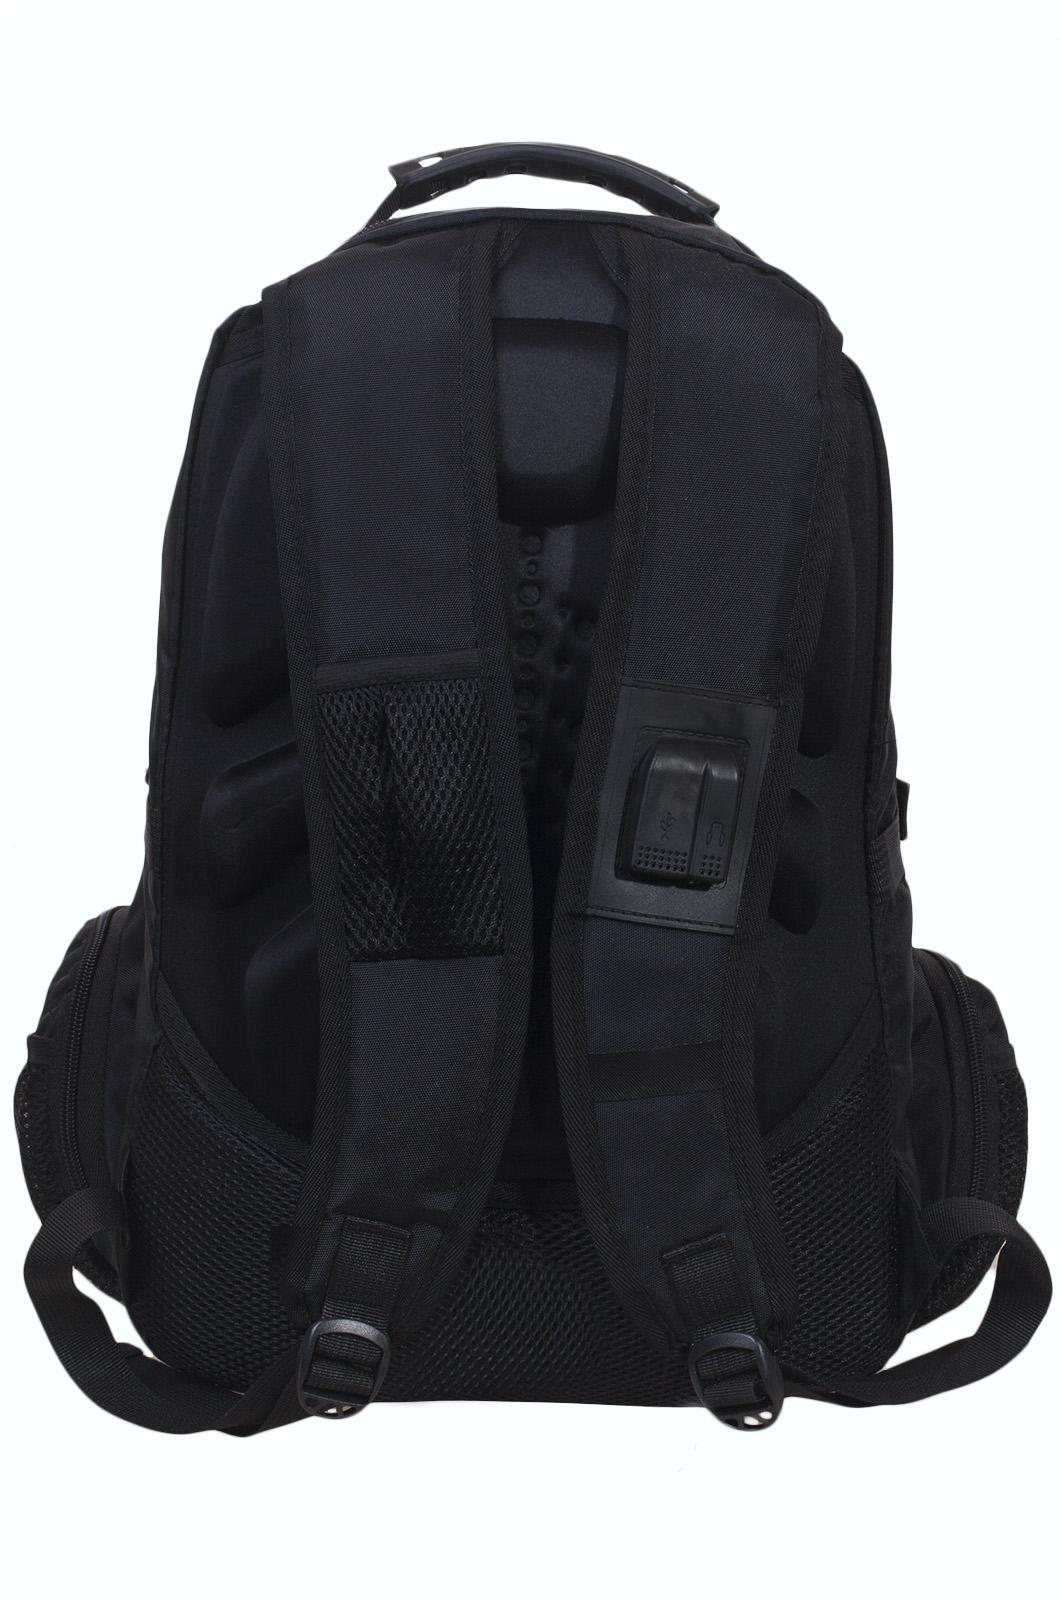 Молодежный черный рюкзак с эмблемой МЧС купить онлайн